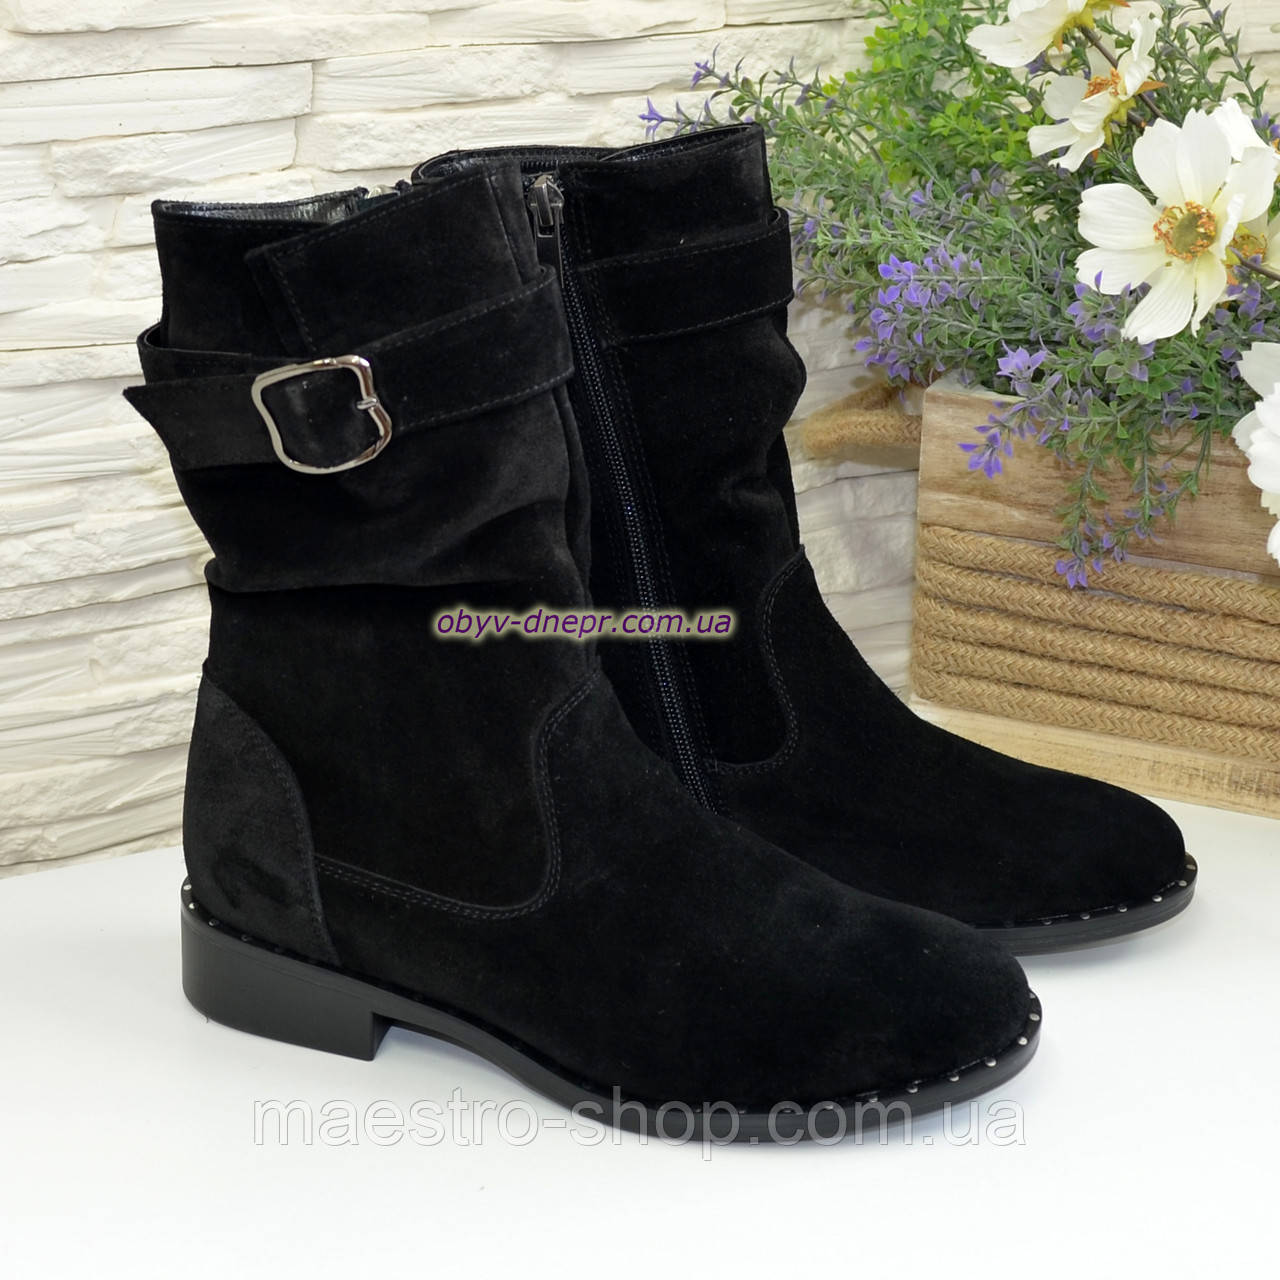 Ботинки женские замшевые демисезонные на низком ходу. Цвет черный